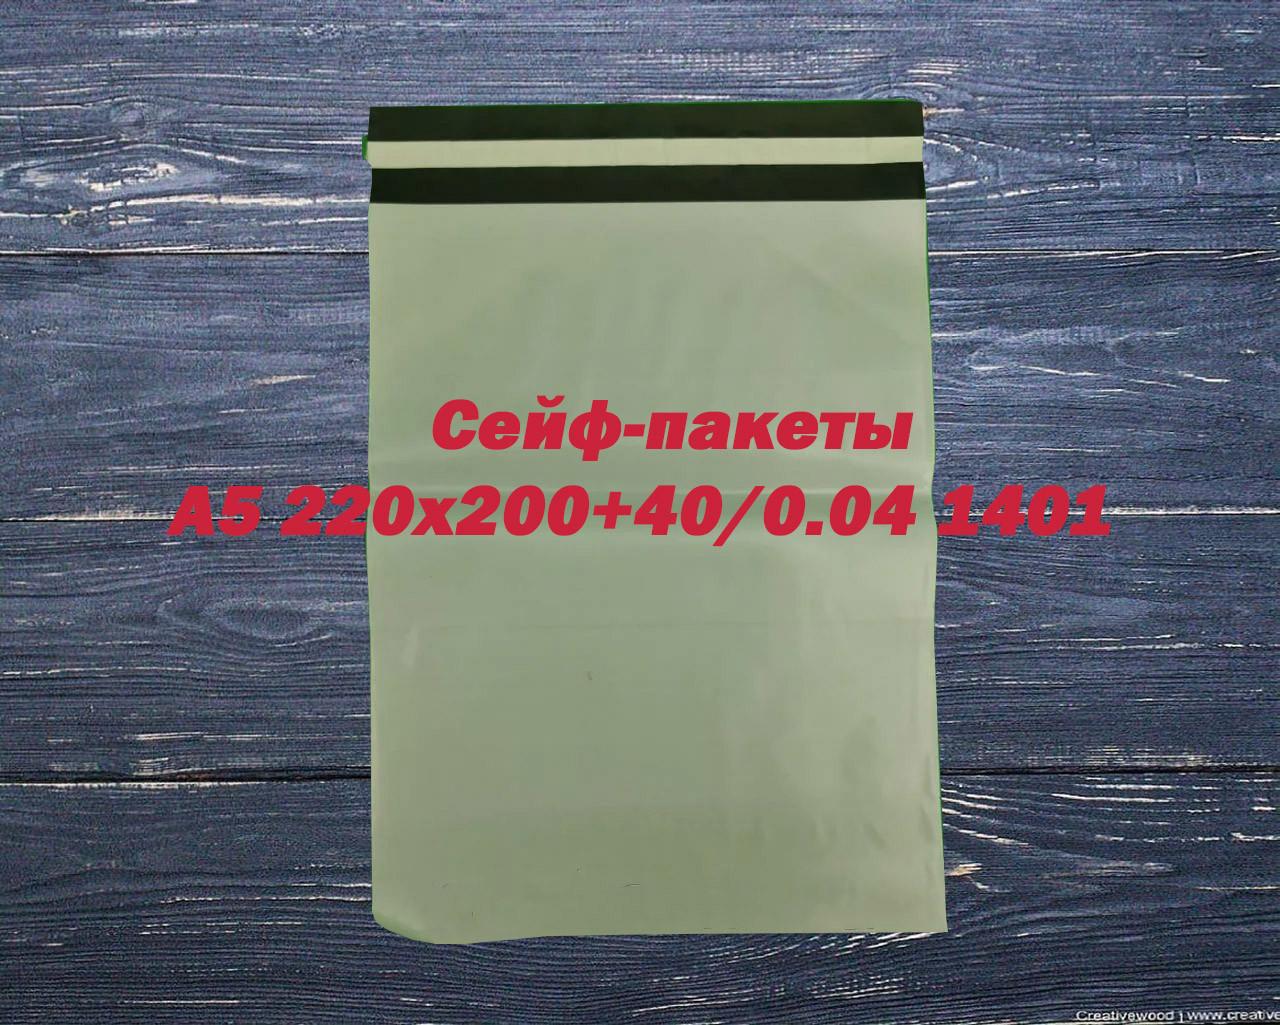 Сейф-пакети А5 220х200+40/0.04 1401 (1 шт)